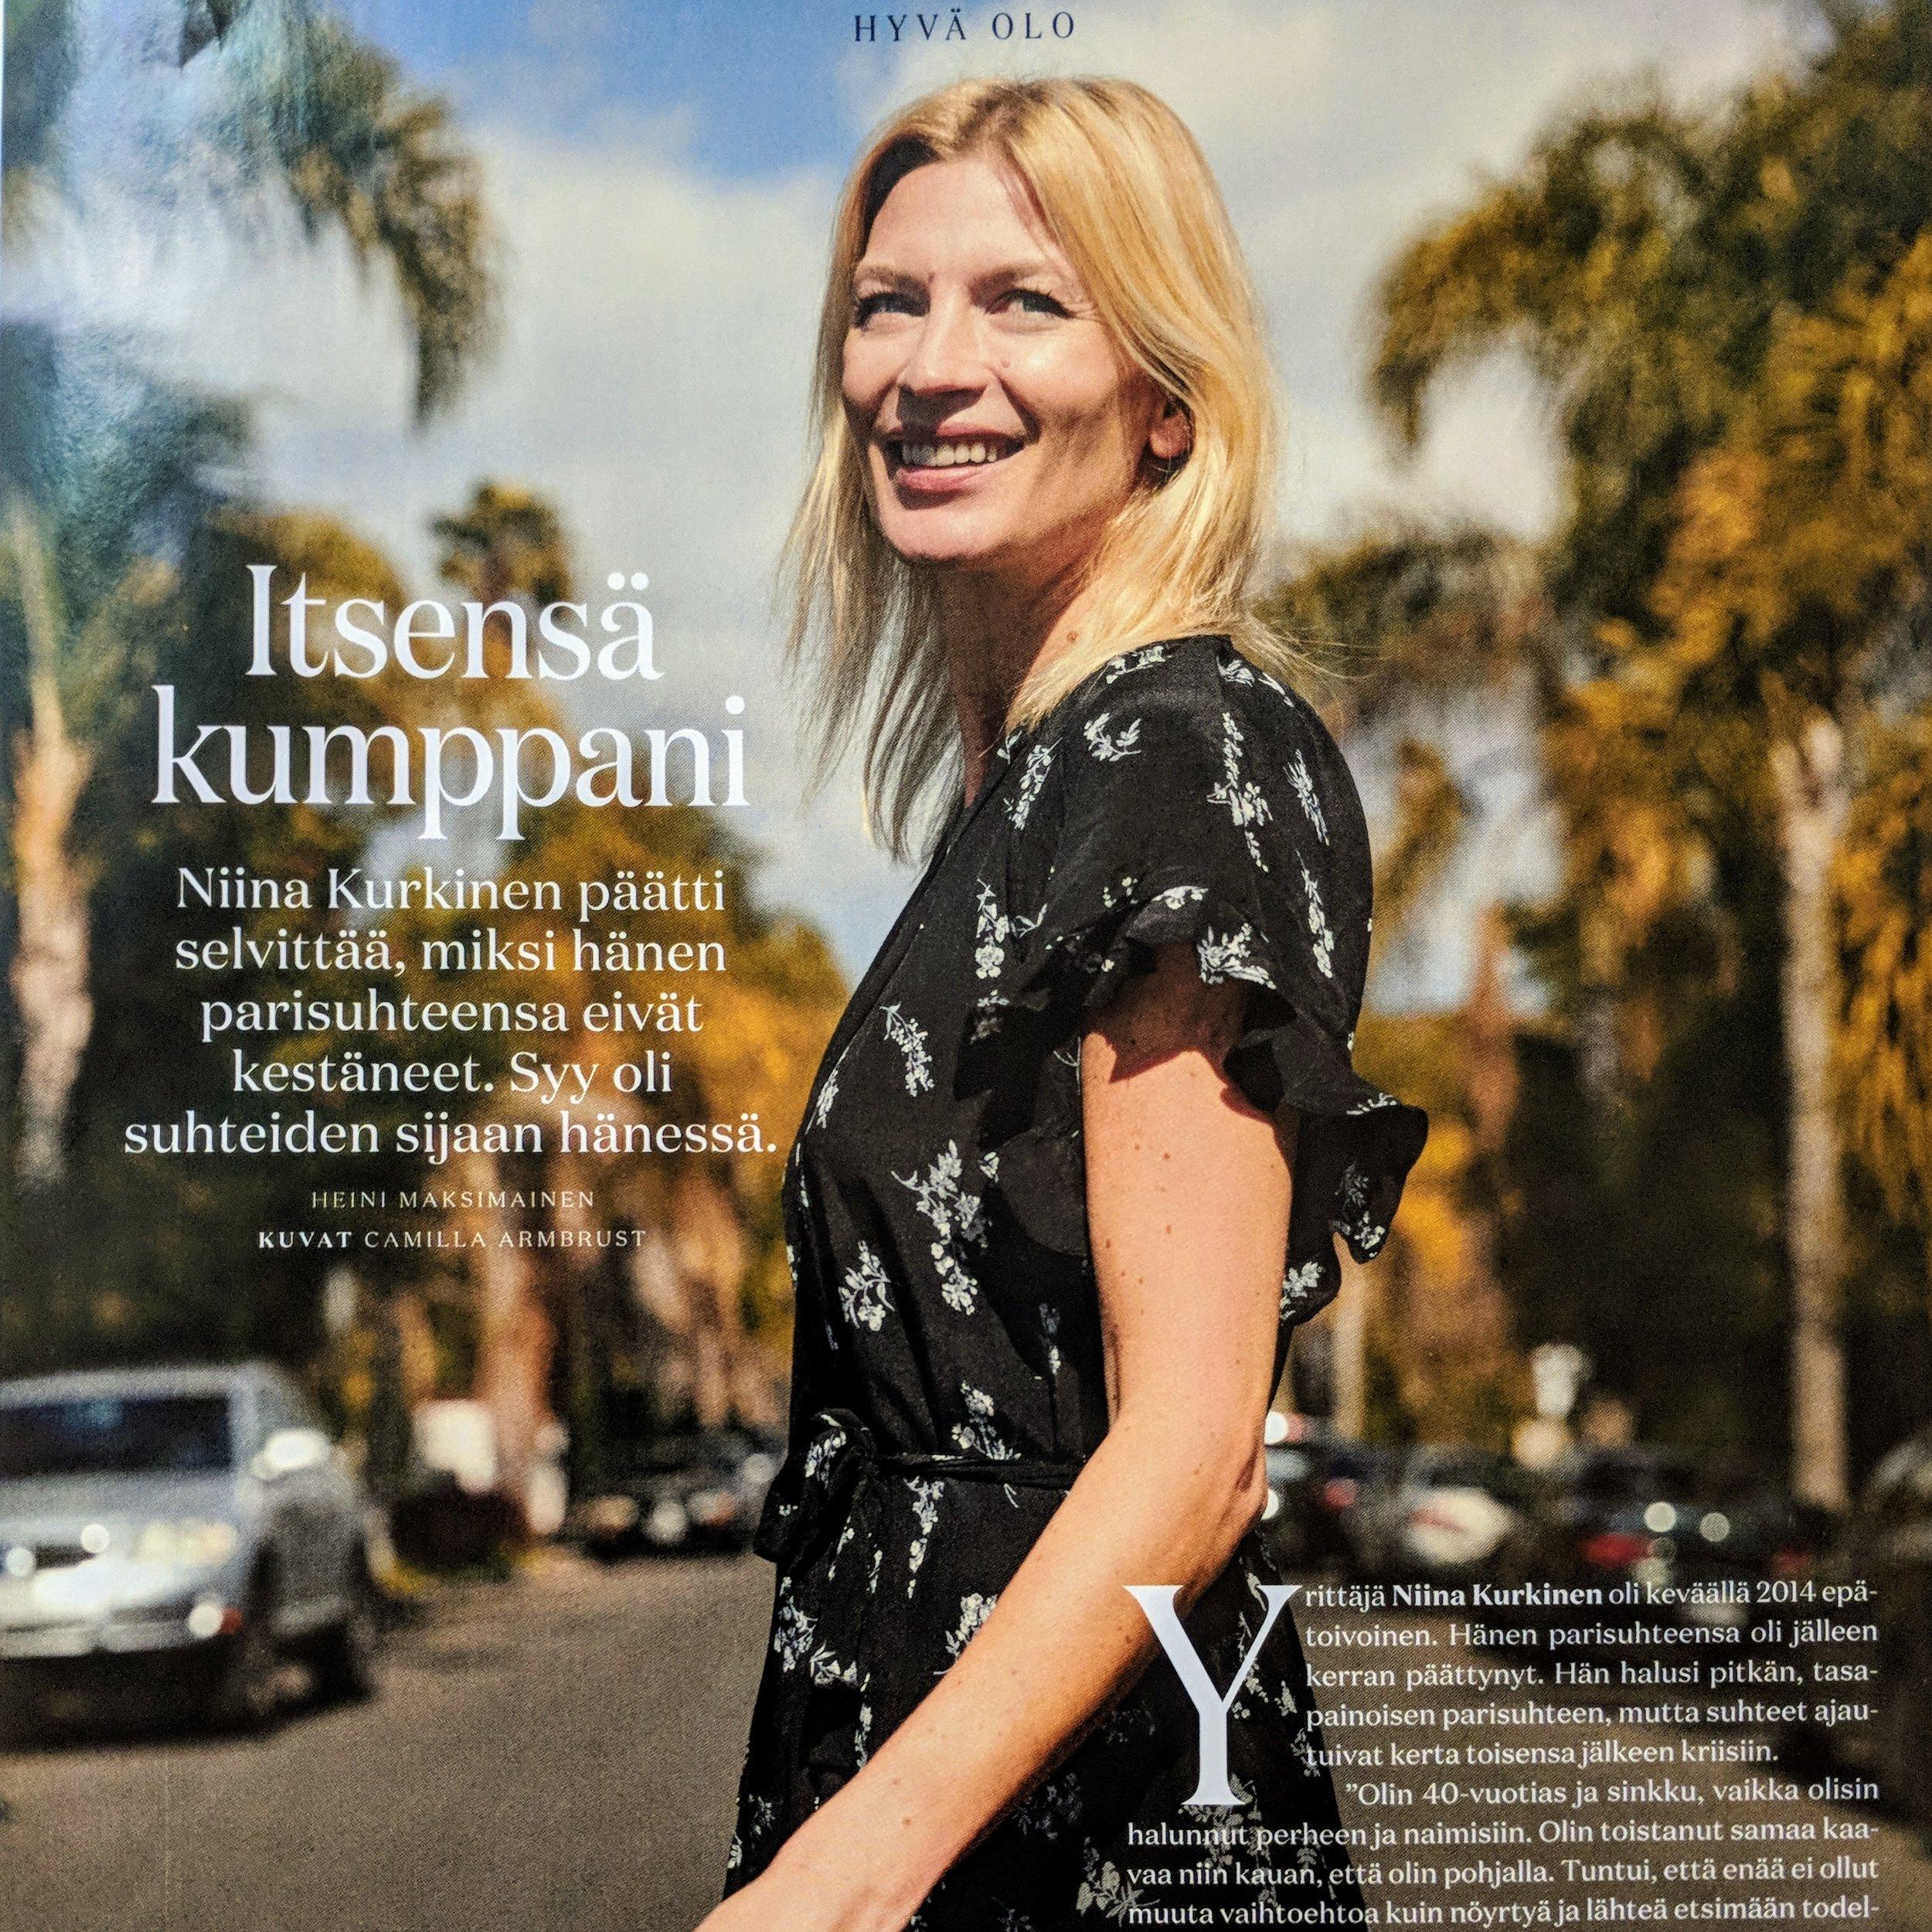 Trendi lehti, 07/2018   Yrittäjä Niina Kurkinen oli keväällä 2014 epätoivoinen. Hänen parisuhteensa oli jälleen kerran päättynyt. Hän halusi pitkän, tasapainoisen parisuhteen, mutta suhteet ajautuivat kerta toisensa jälkeen kriisiin.   Lue lisää